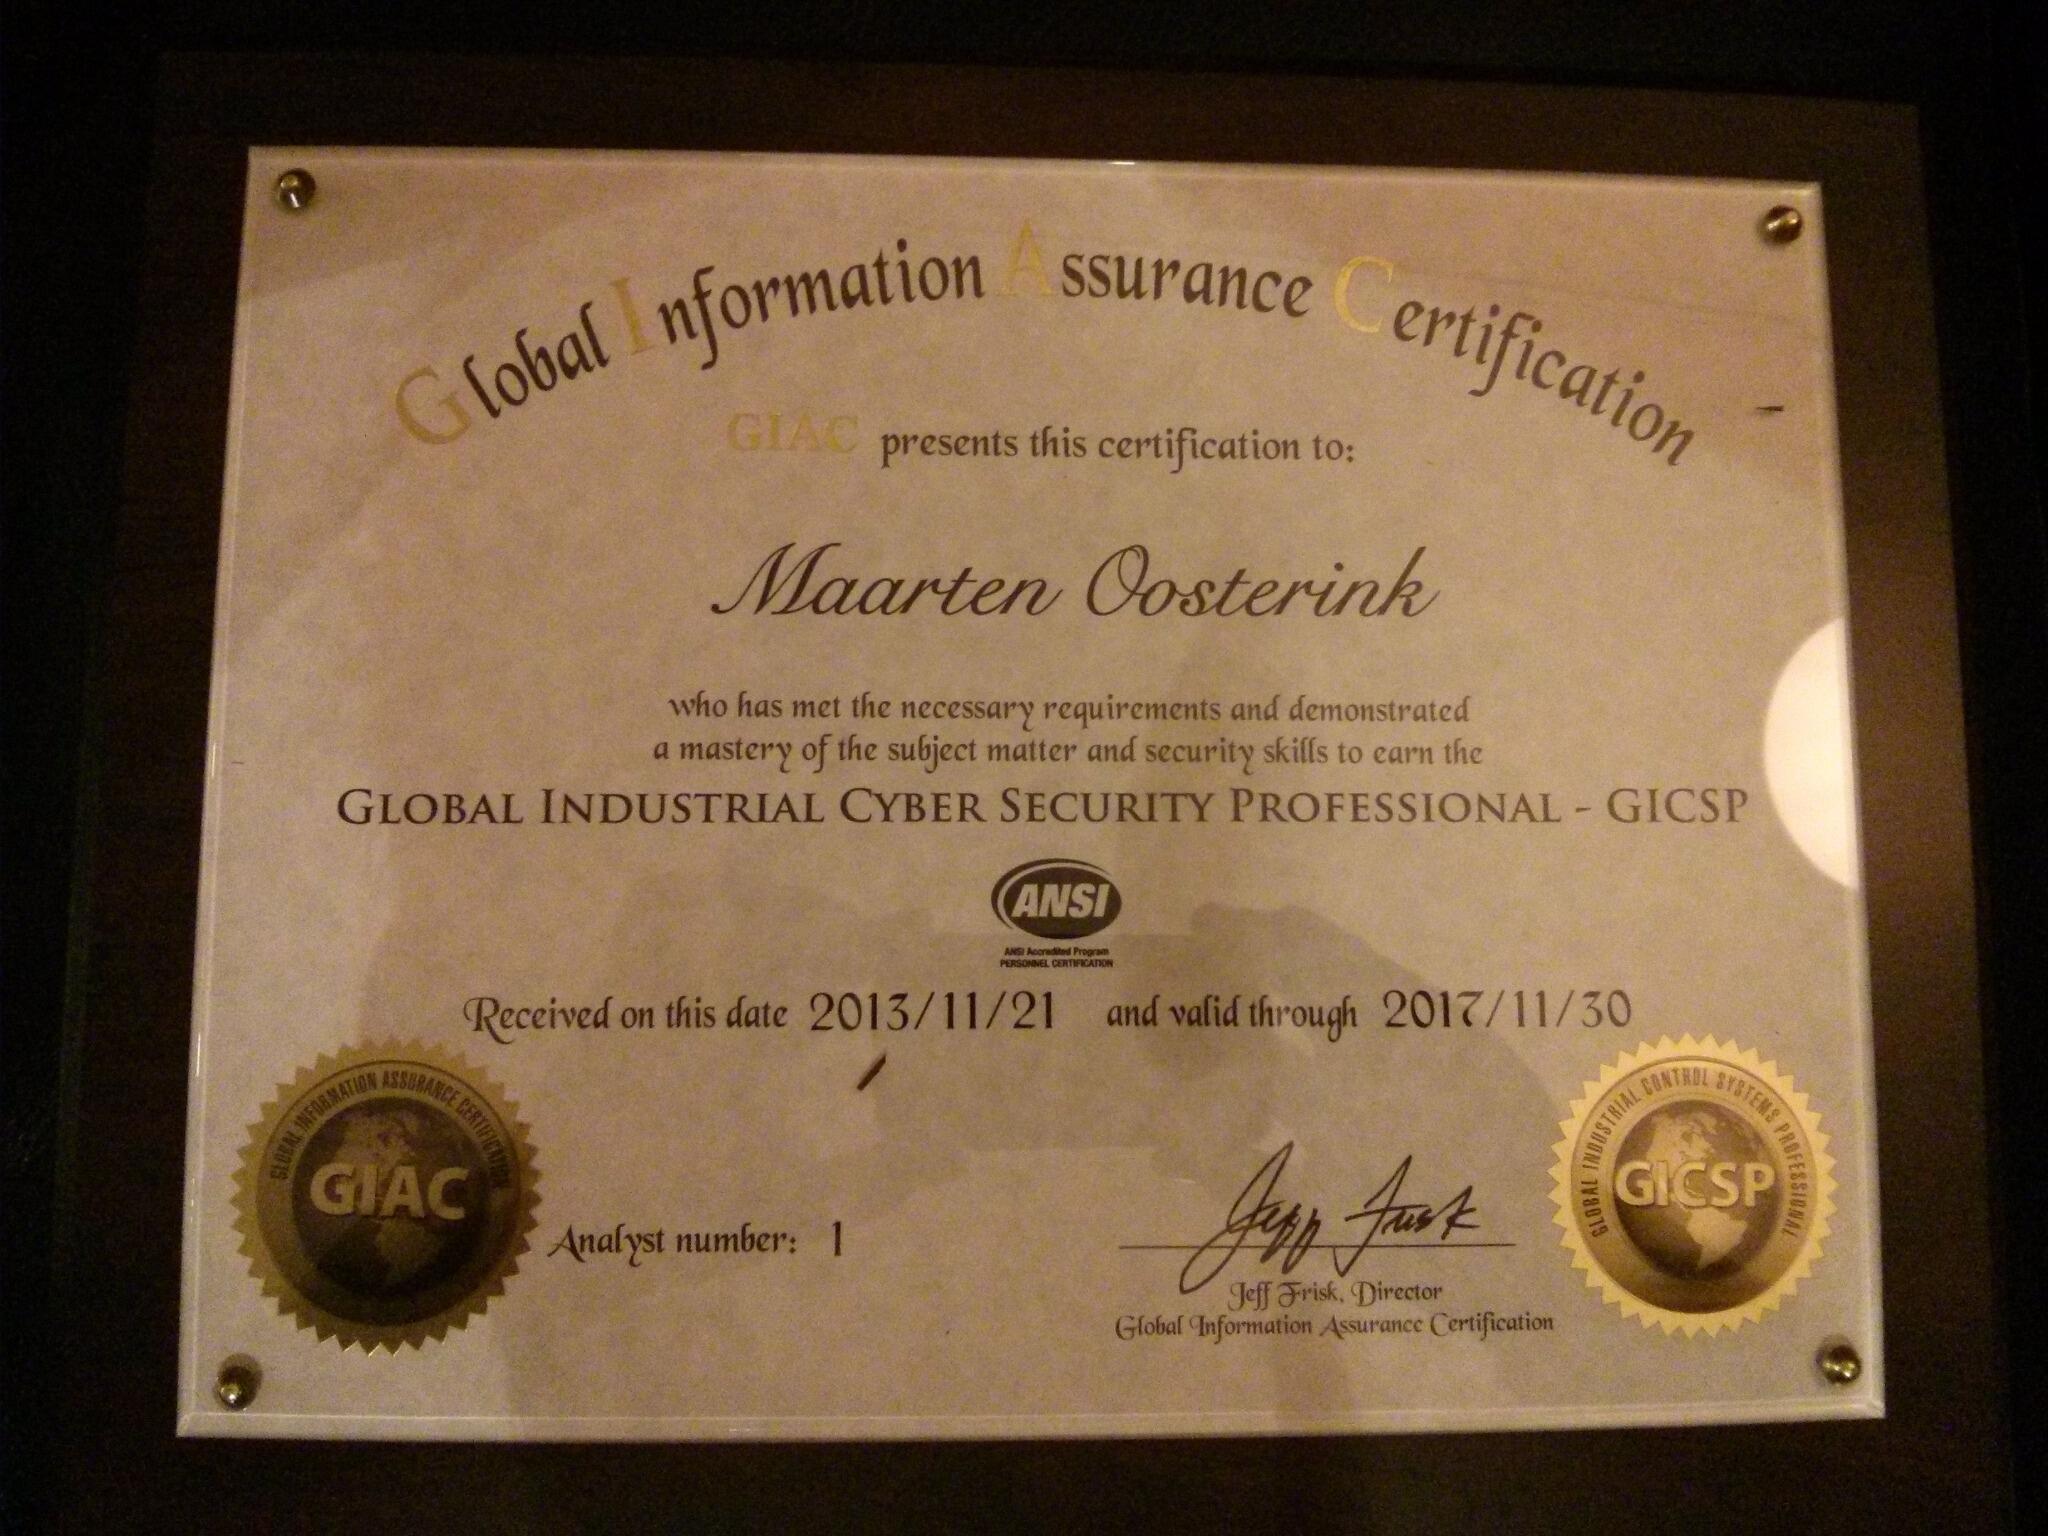 Maarten Oosterink On Twitter Received My Gicsp Certificate Today